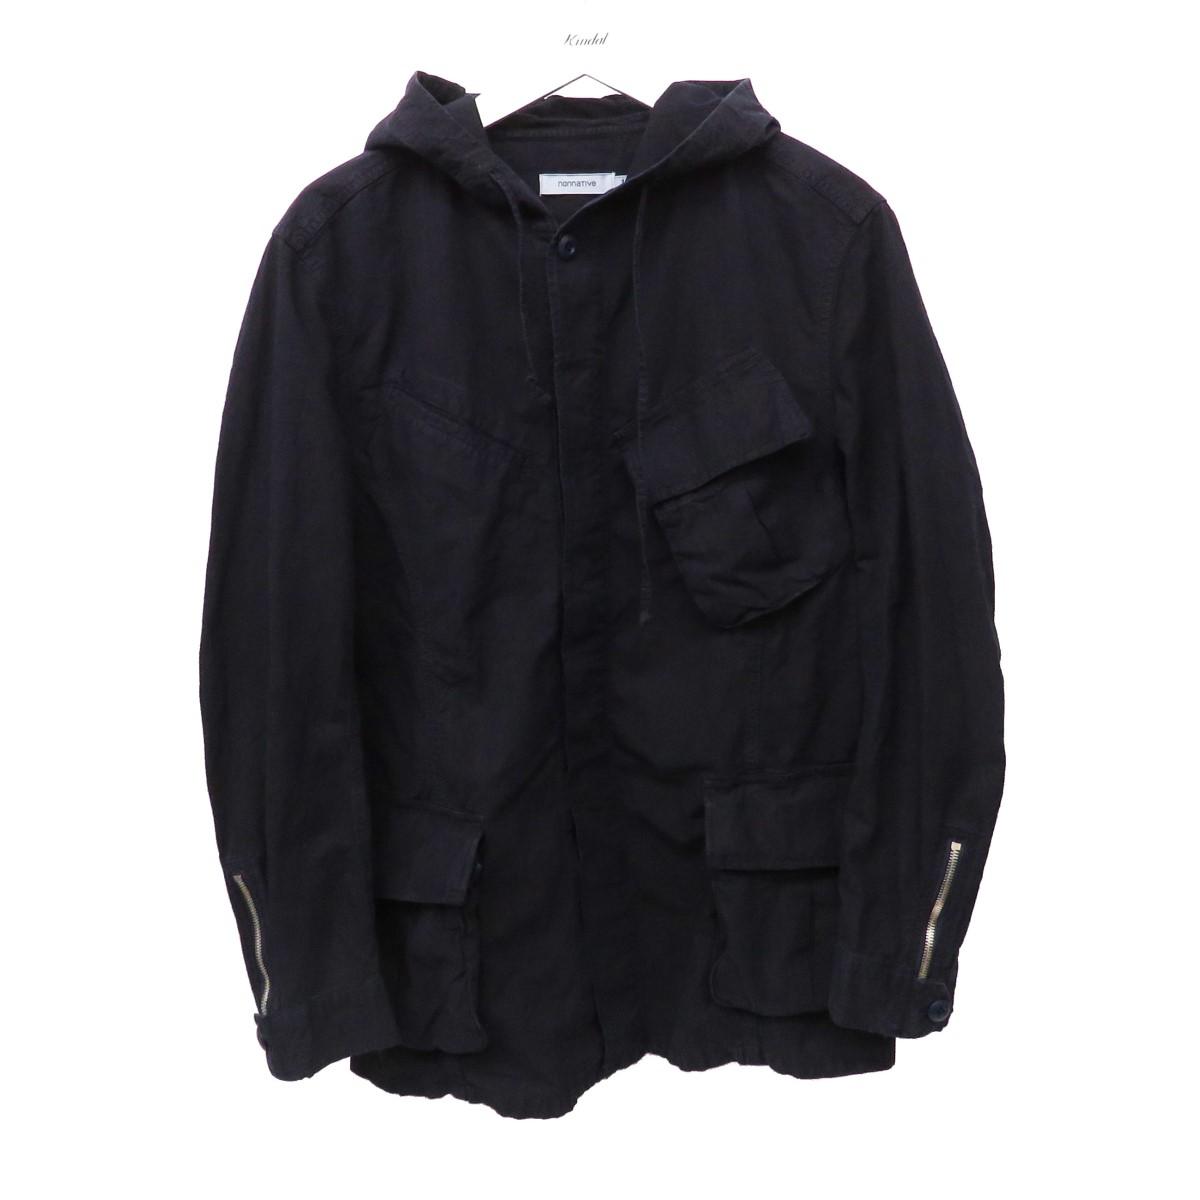 【中古】nonnative 2016SS TROPPER HOODED JACKET フーデッドジャケット ネイビー サイズ:1 【010920】(ノンネイティブ)